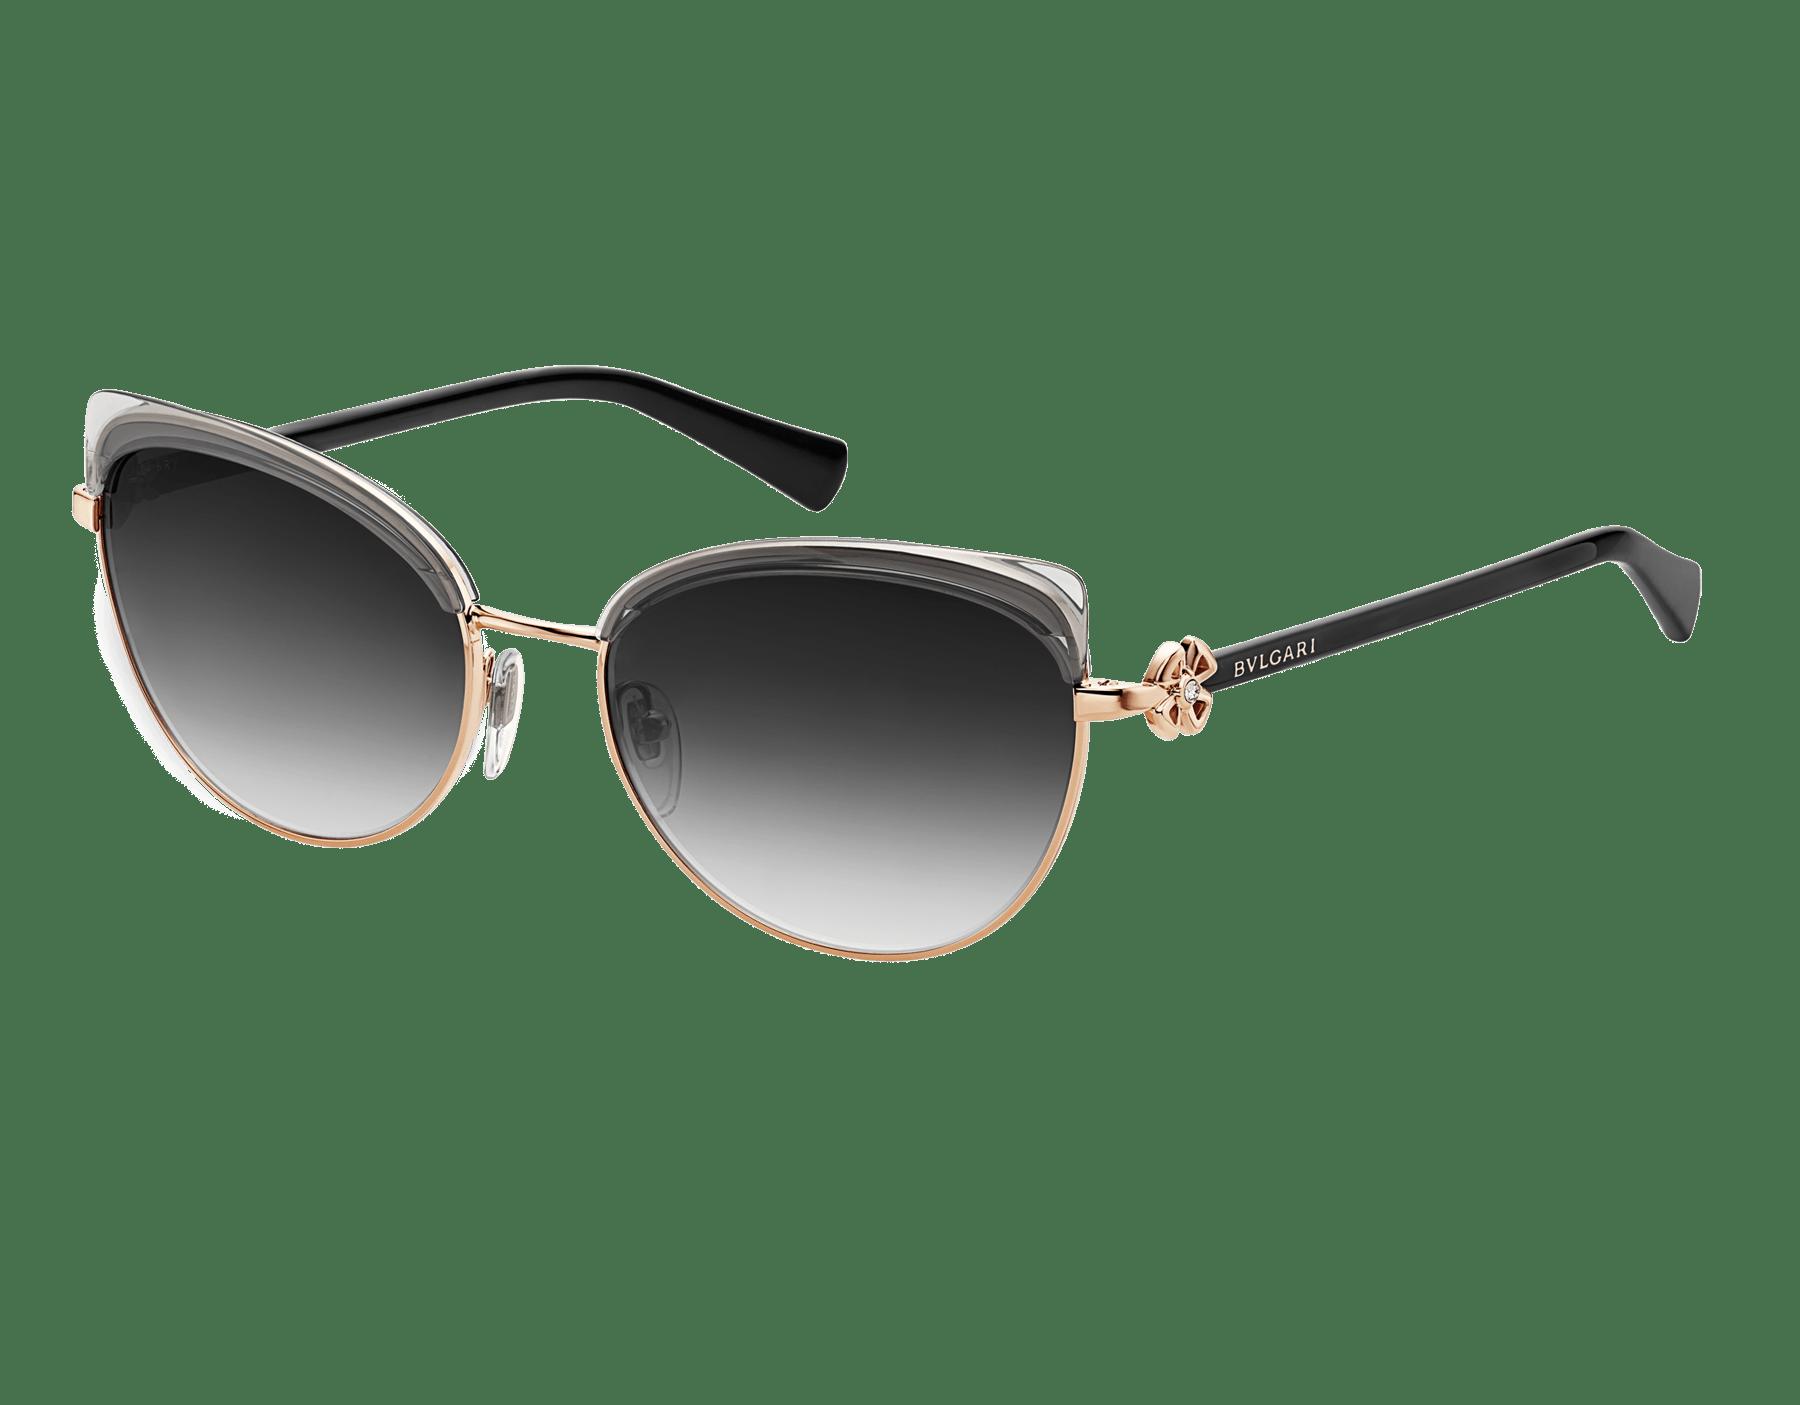 نظارات شمسية «فيوريفر» بشكل عين القطة 904087 image 1